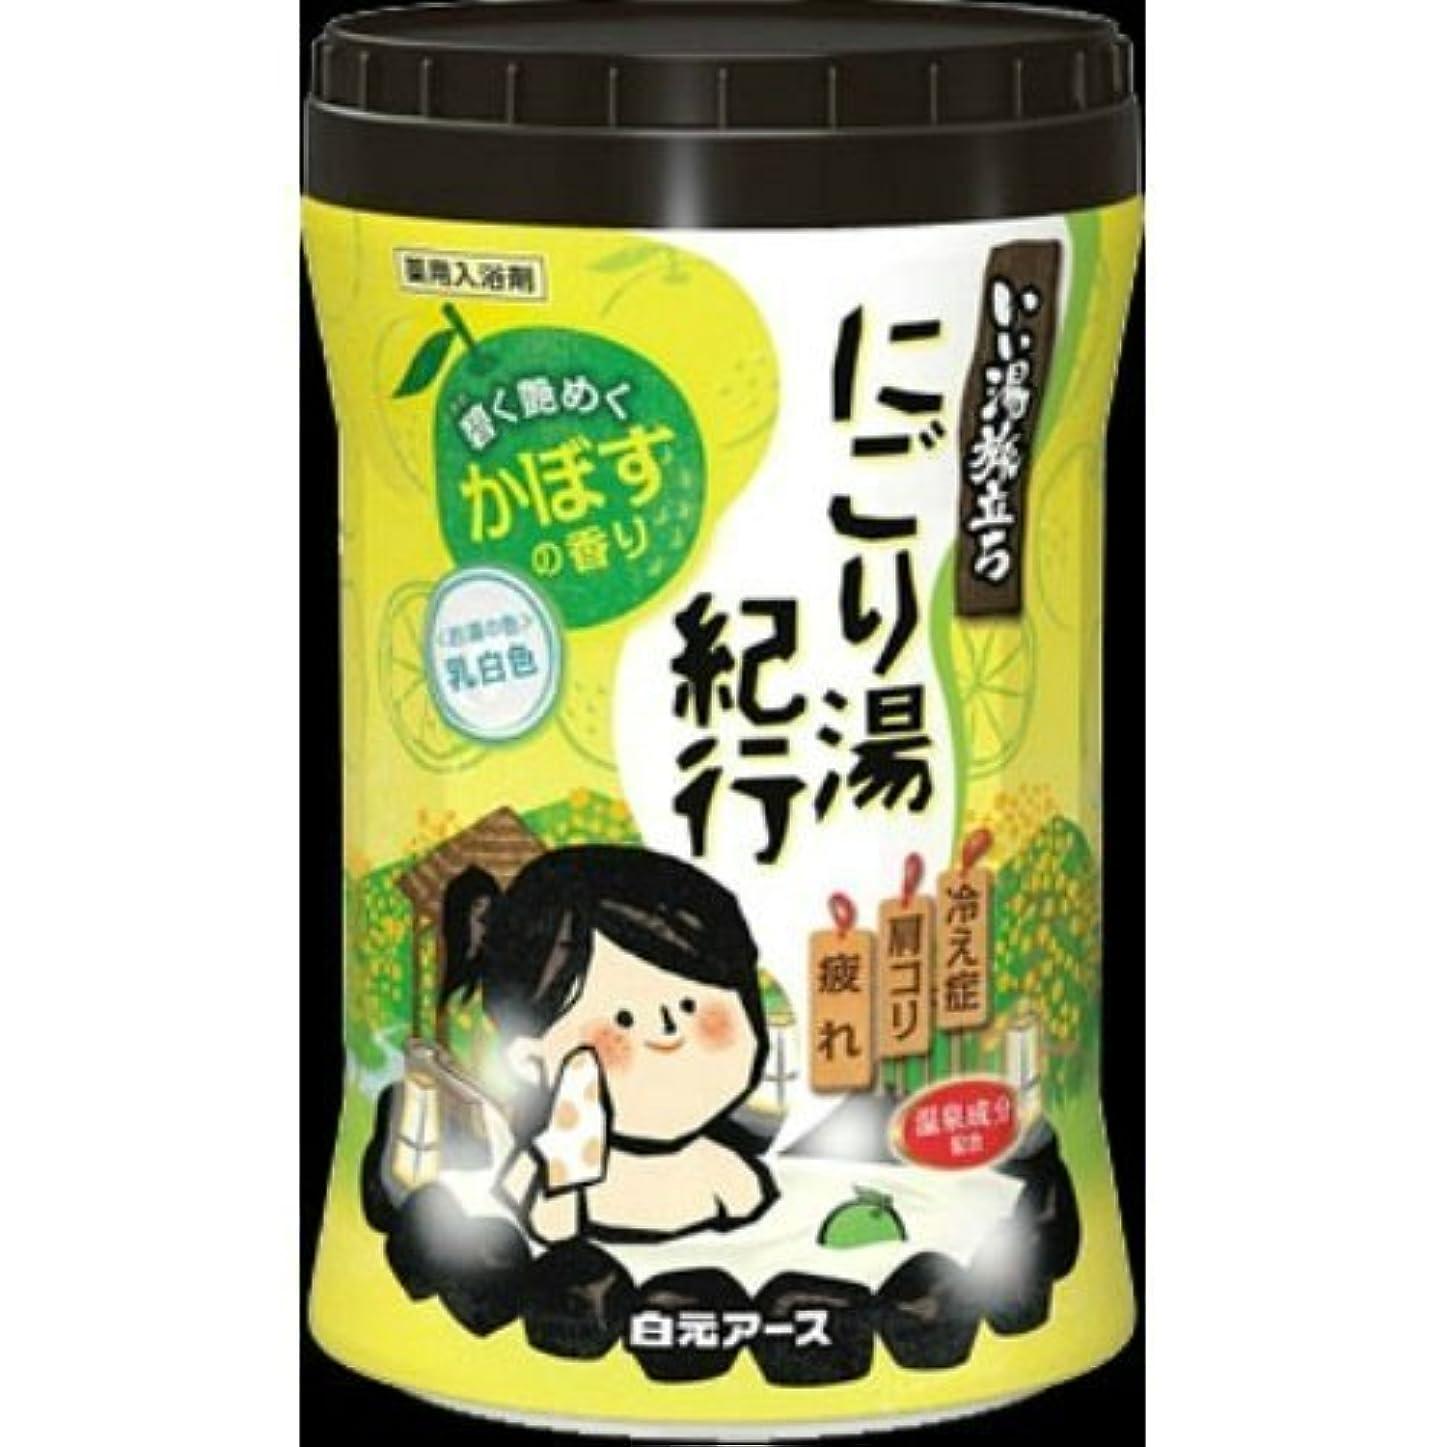 杭整理する範囲いい湯旅立ちボトル にごり湯紀行 かぼすの香り600g × 15個セット